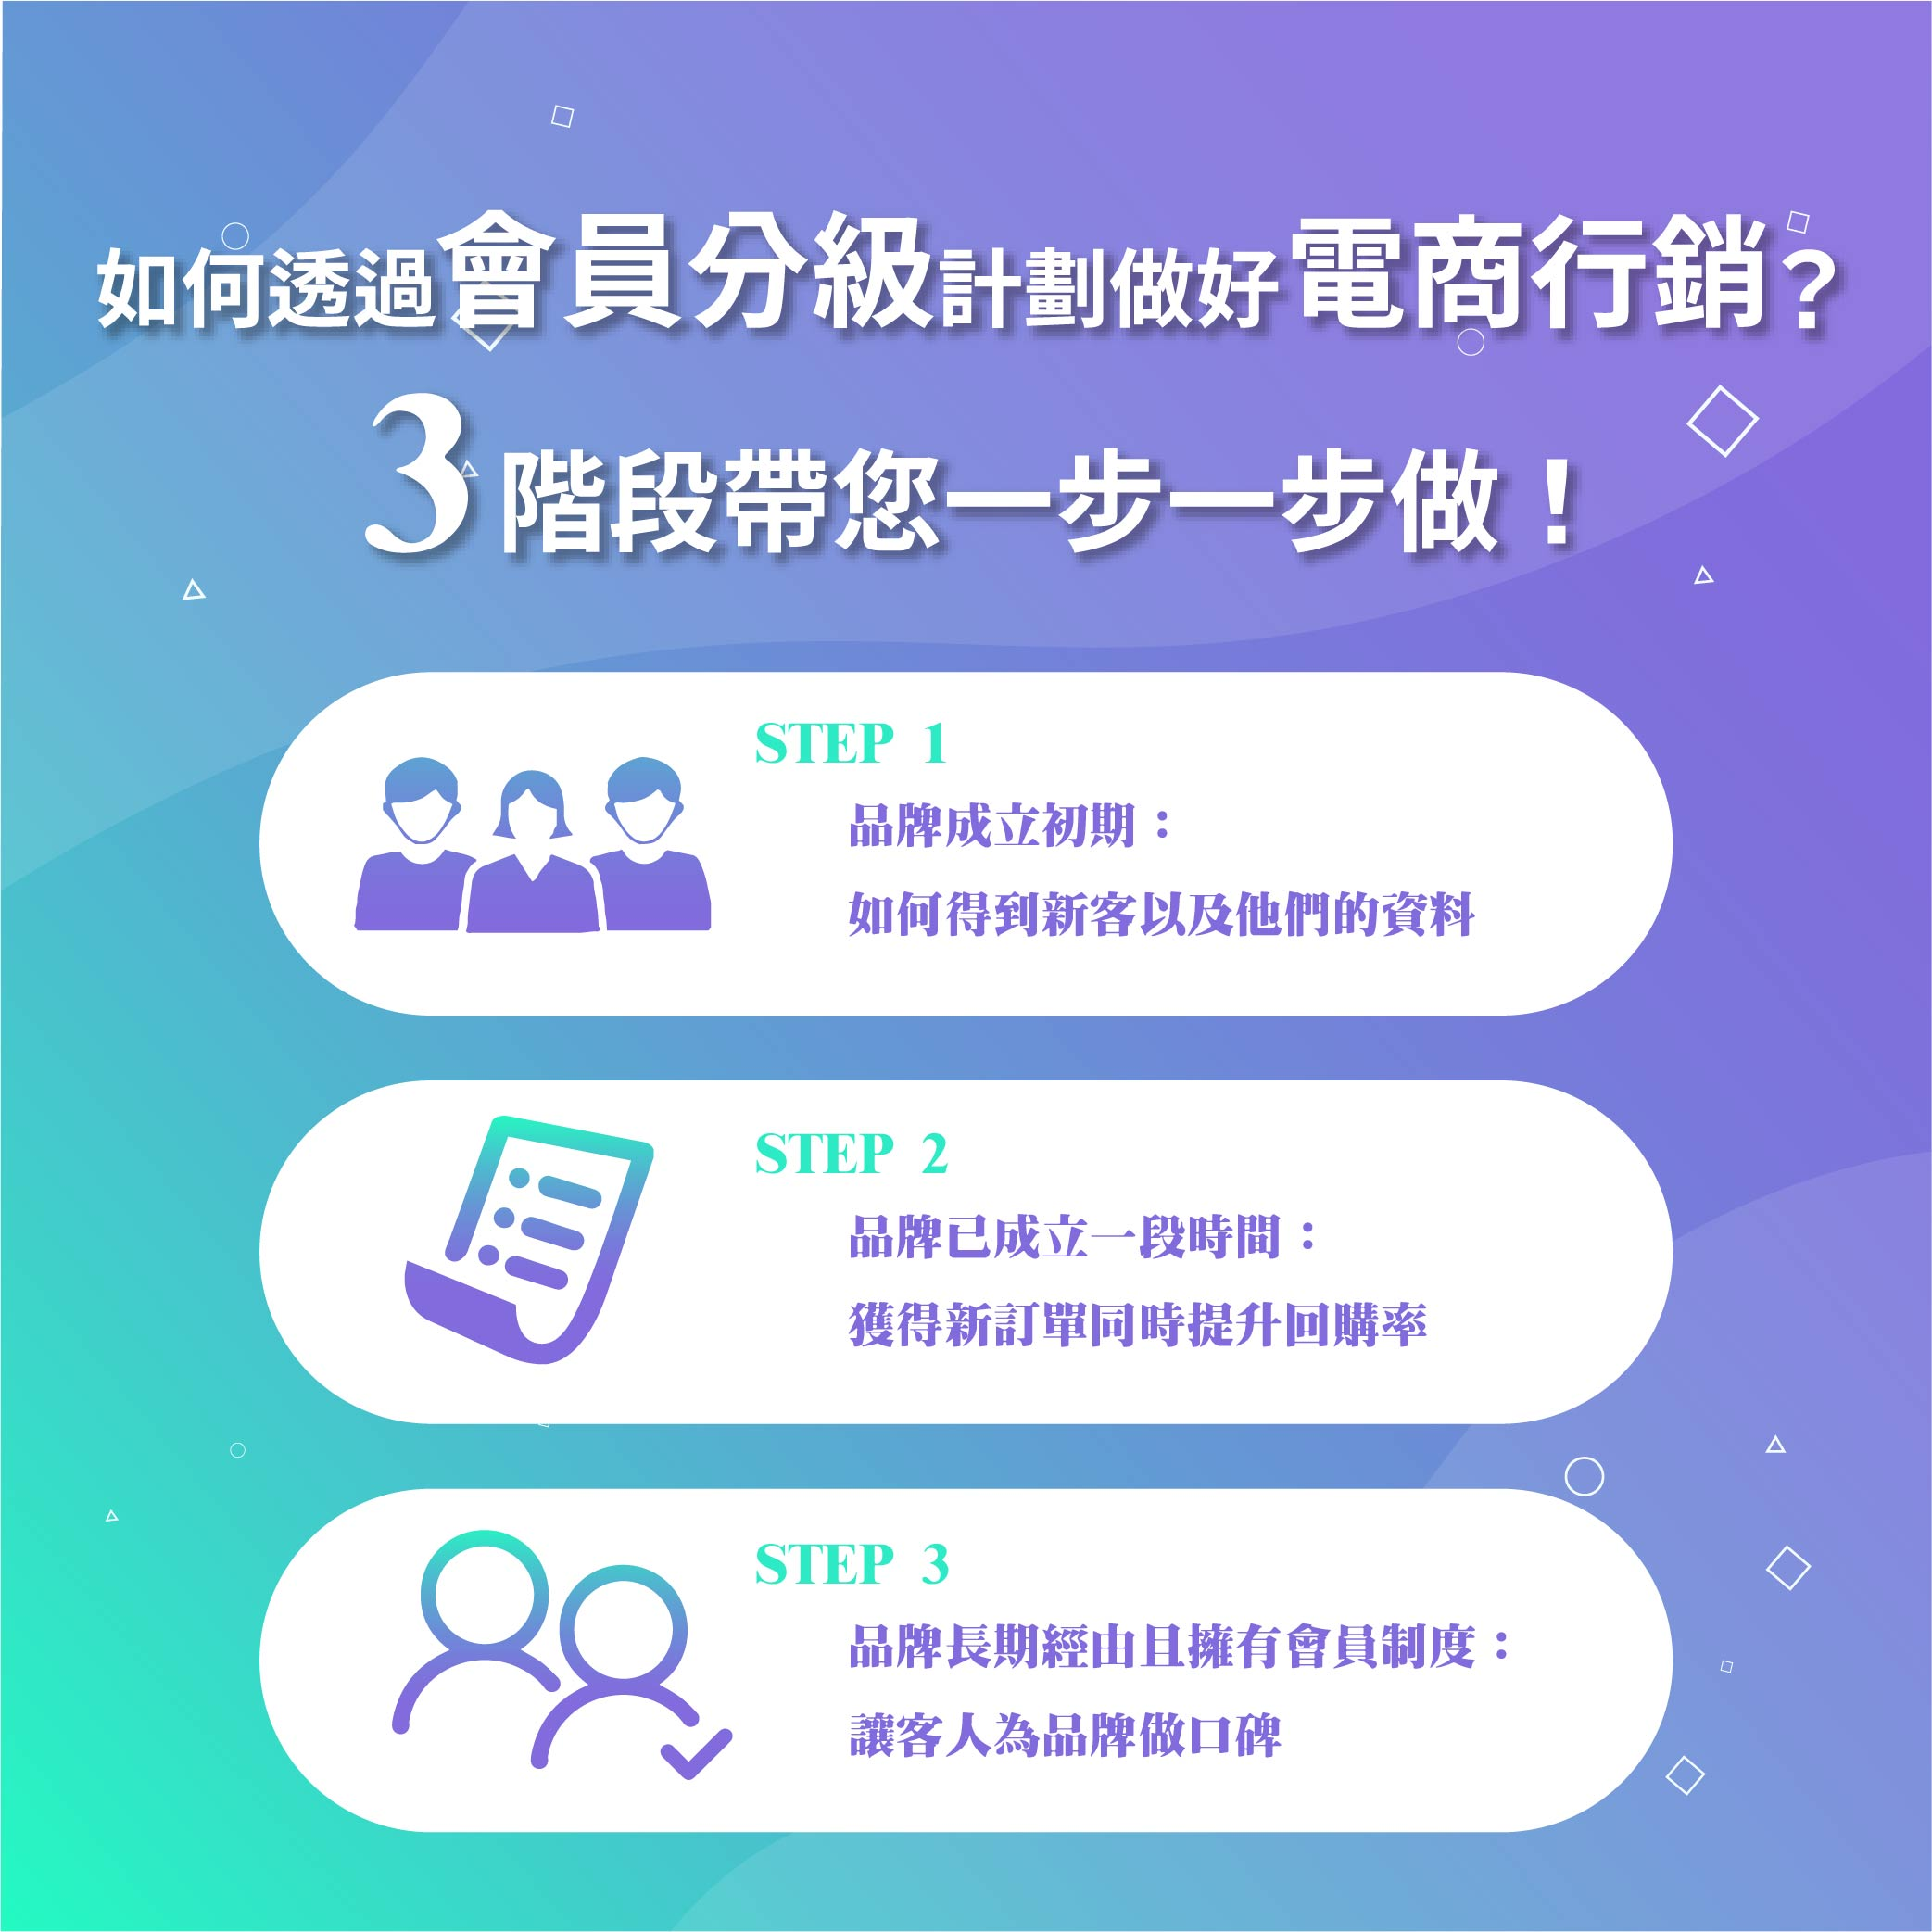 如何透過會員分級計劃做好電商行銷?3階段帶您一步一步做!